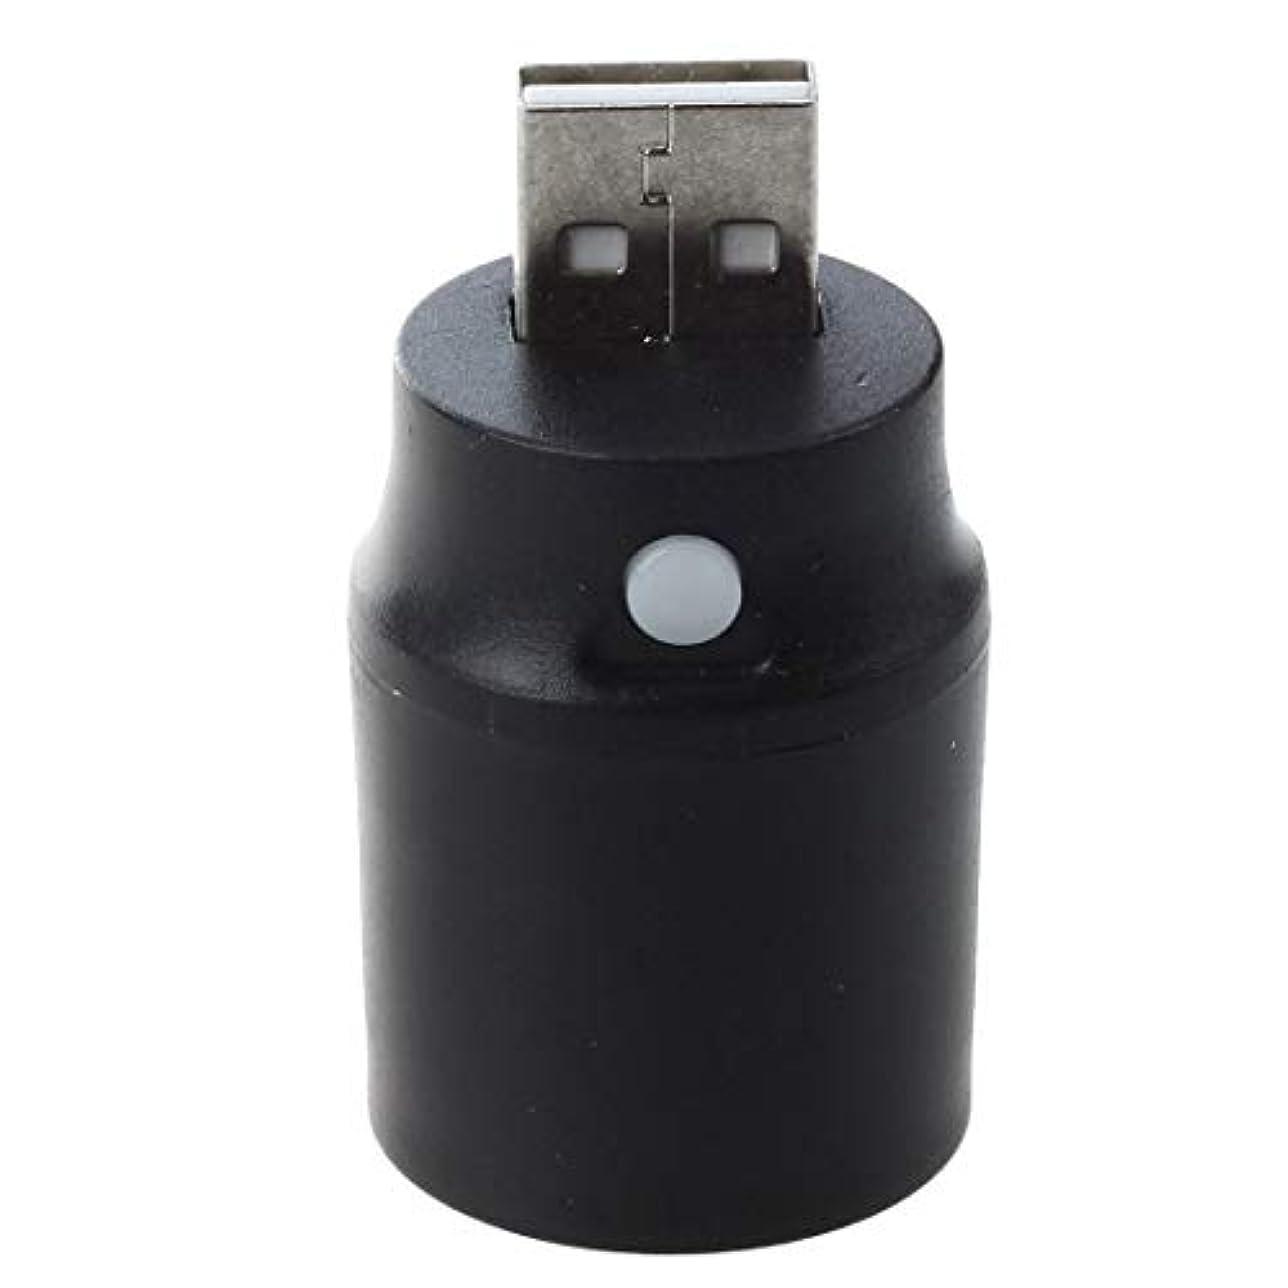 大人ドア抜粋リタプロショップ? LED USBスポットライト ブラック ミニ 懐中電灯 小型 軽量 防災 アウトドア キャンプ